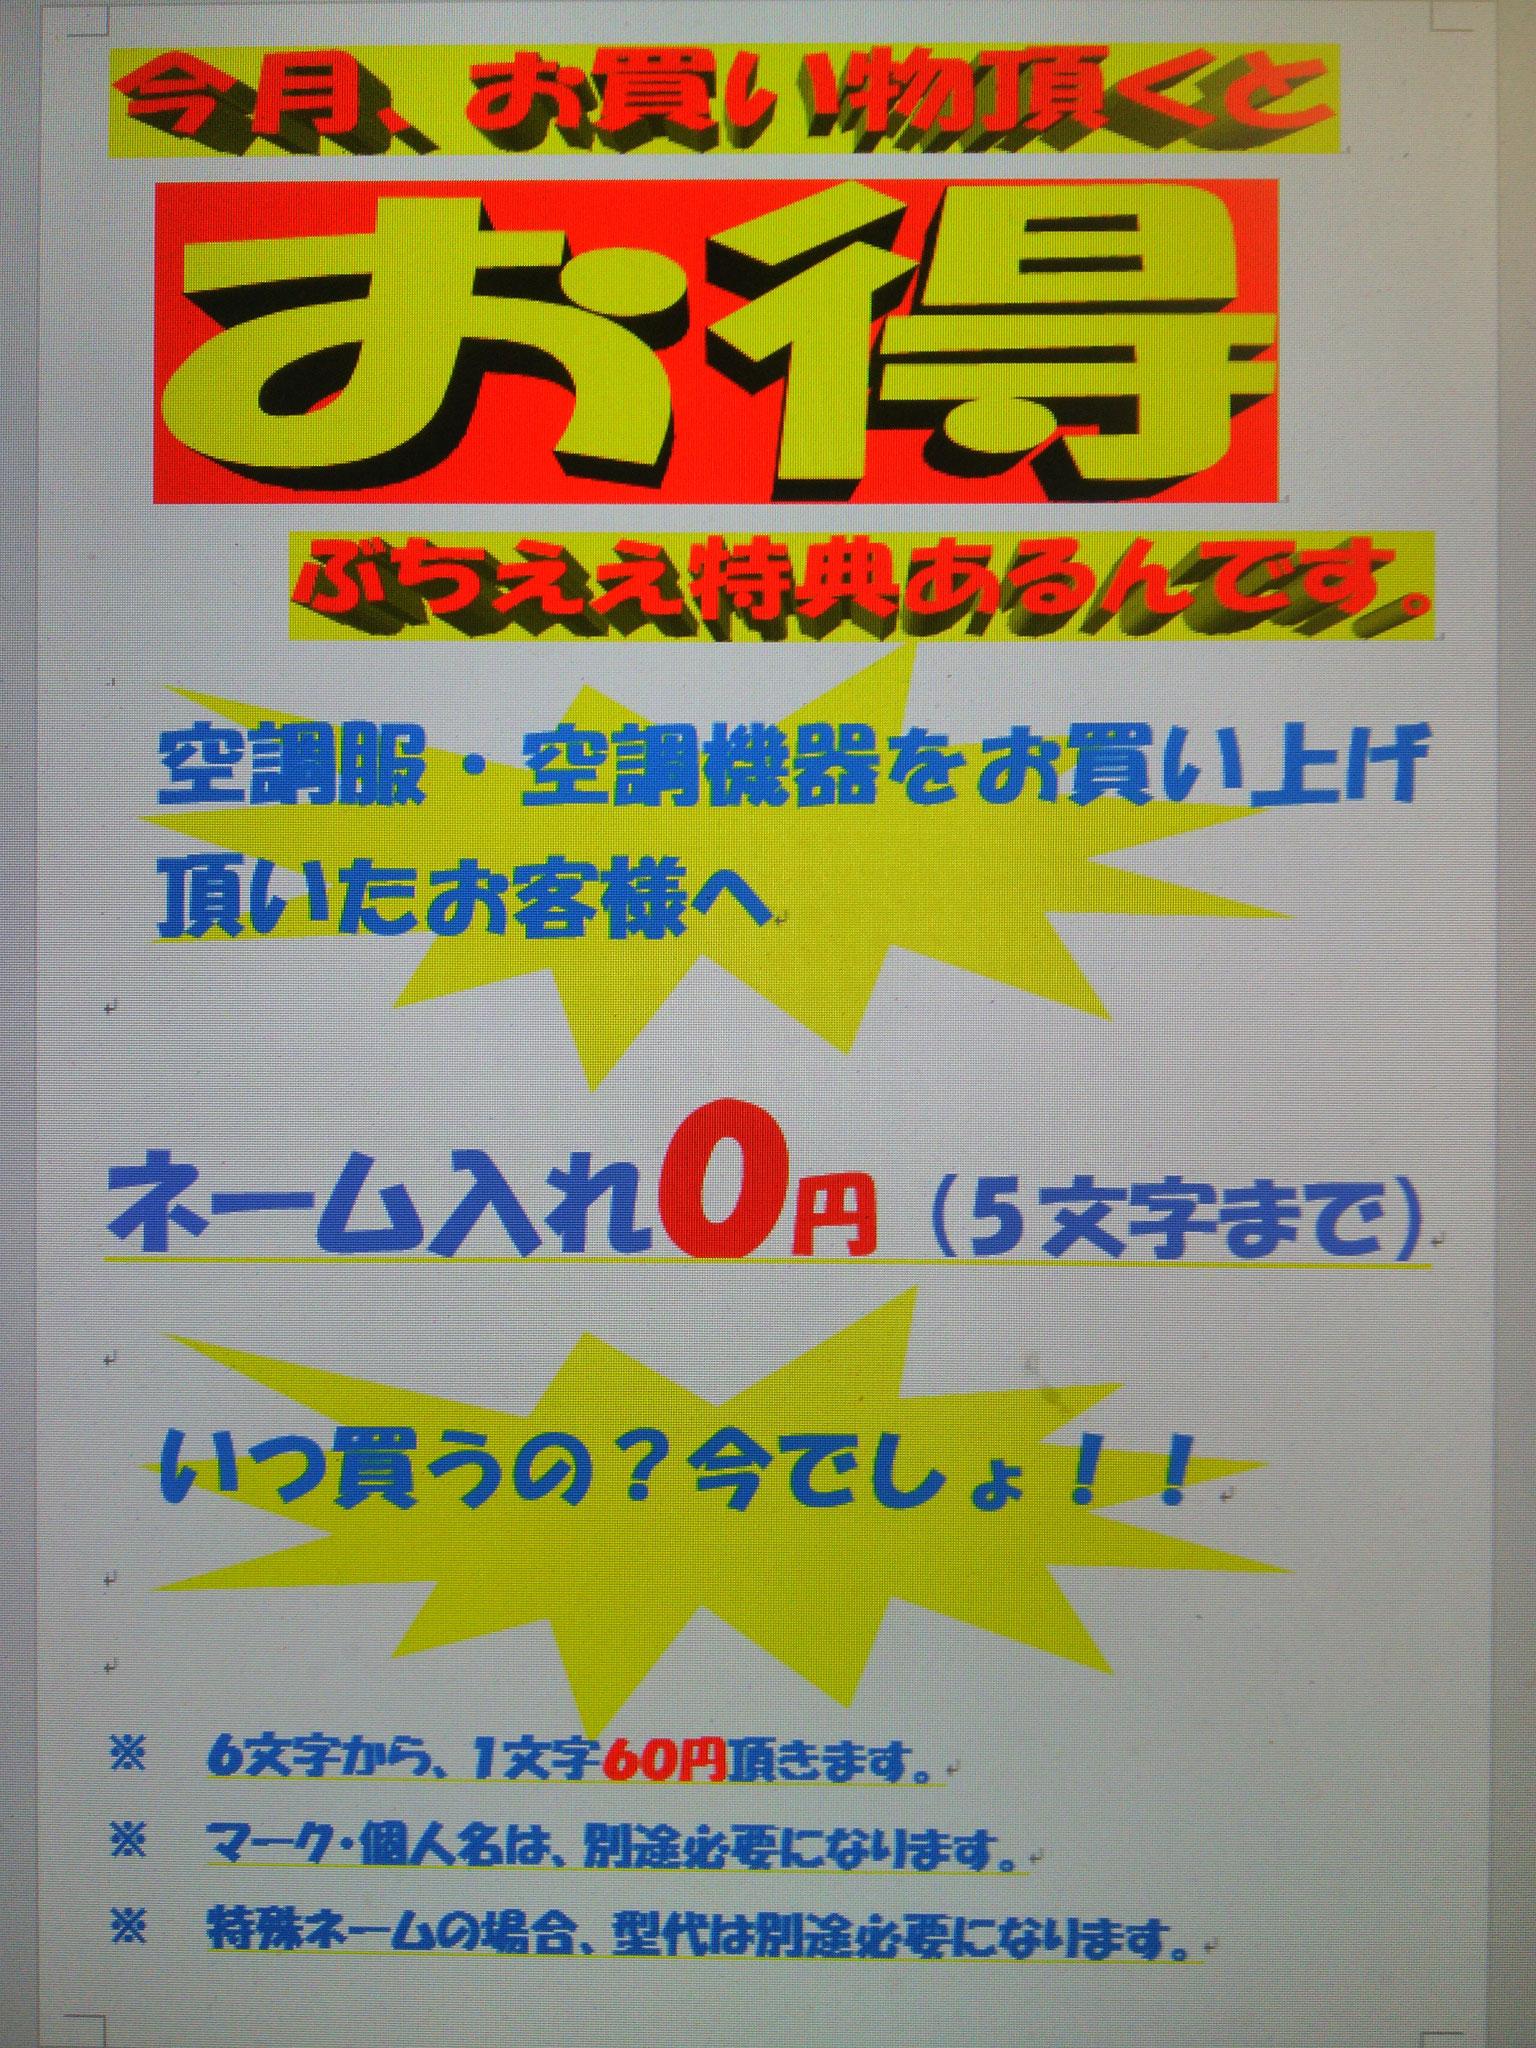 空調服をお買い上げのお客様、ネーム0円キャンペーン実施中!!